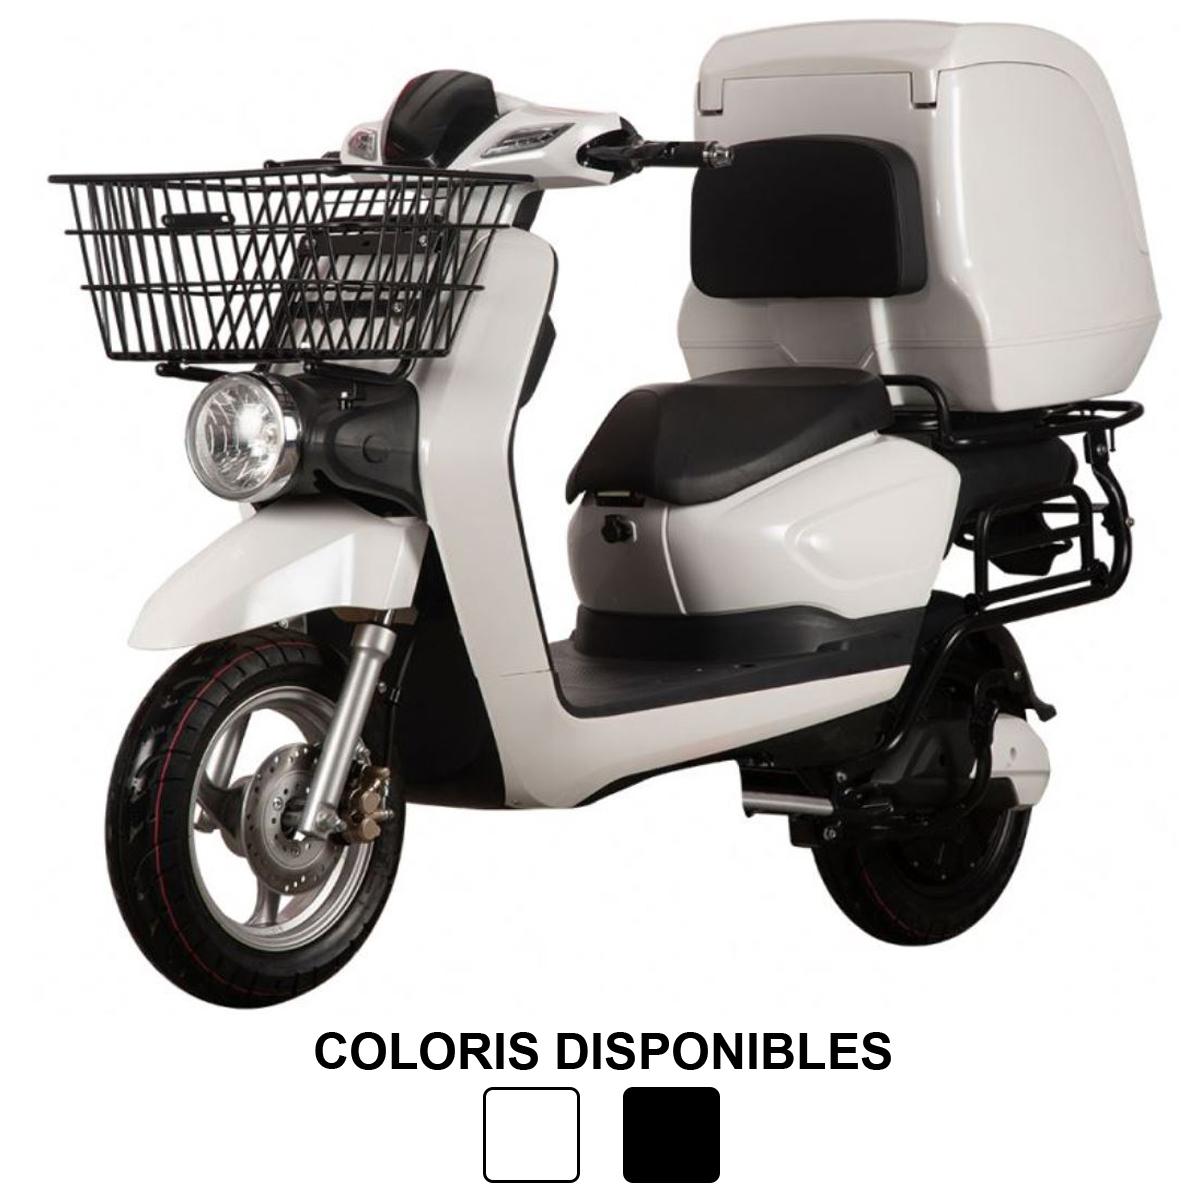 Scooter 2W PRO (2 roues), idéal pour les professionnels de la livraison